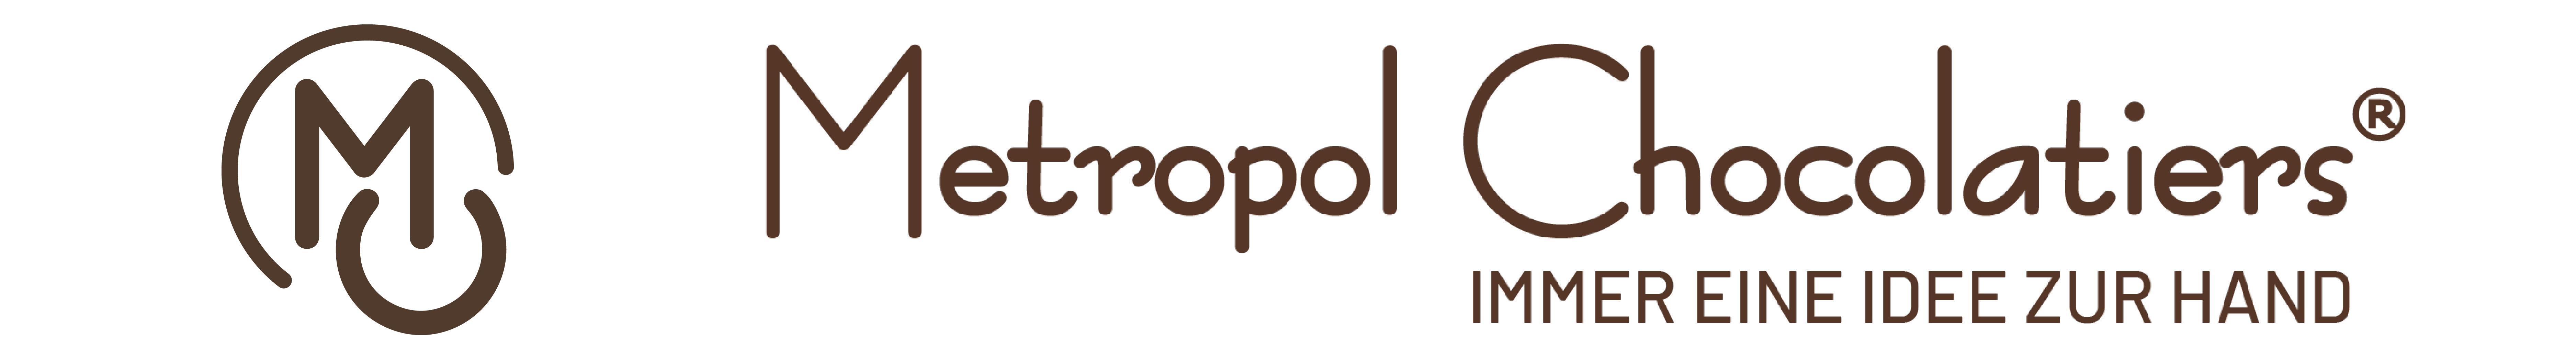 Metropol Chocolatiers